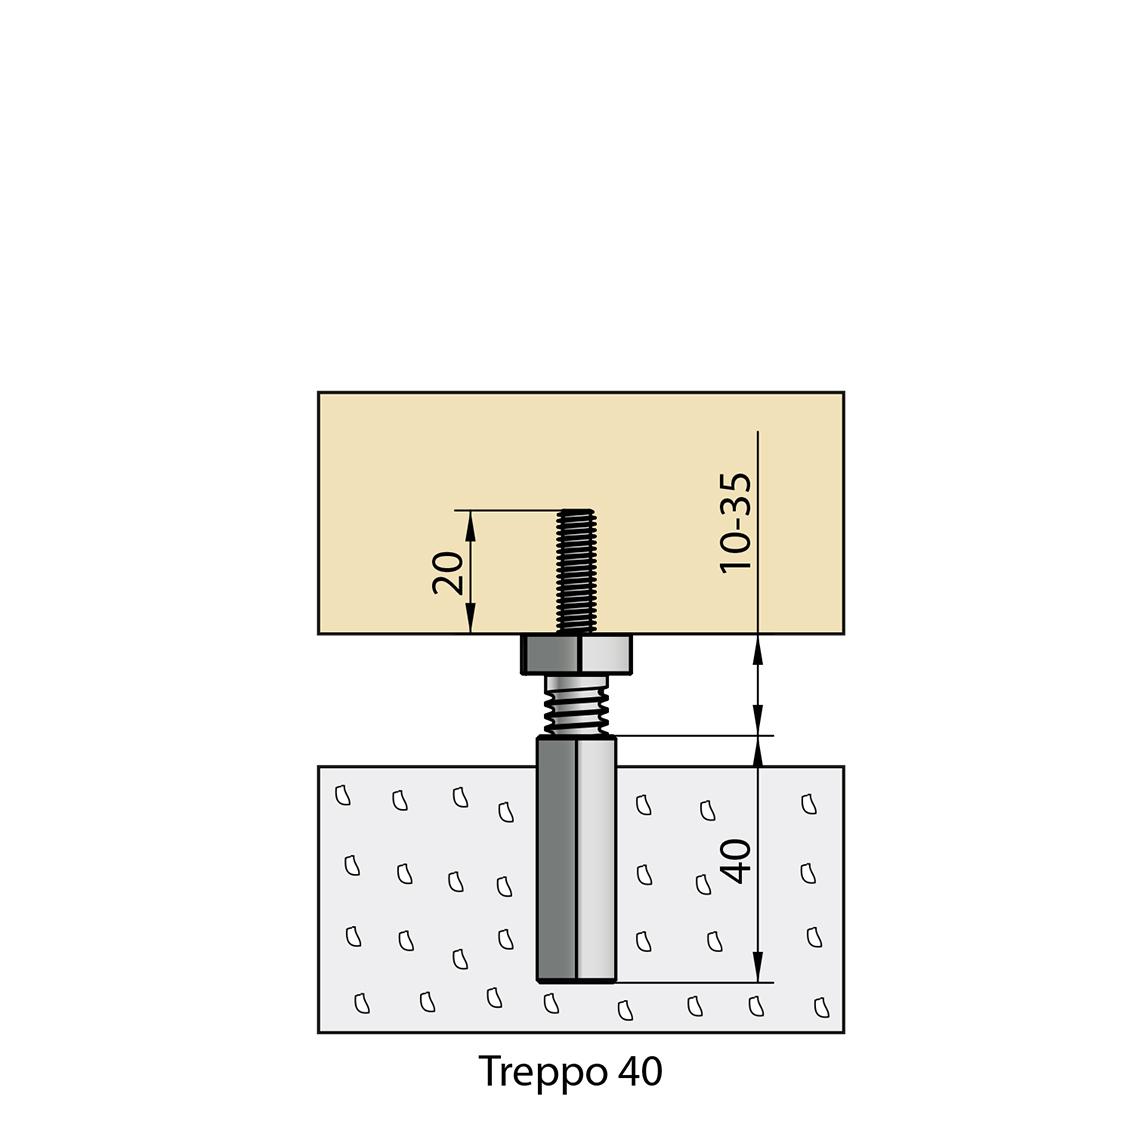 treppo solution de r glage et de fixation pour habillage d escalier b ton knapp verbinder. Black Bedroom Furniture Sets. Home Design Ideas